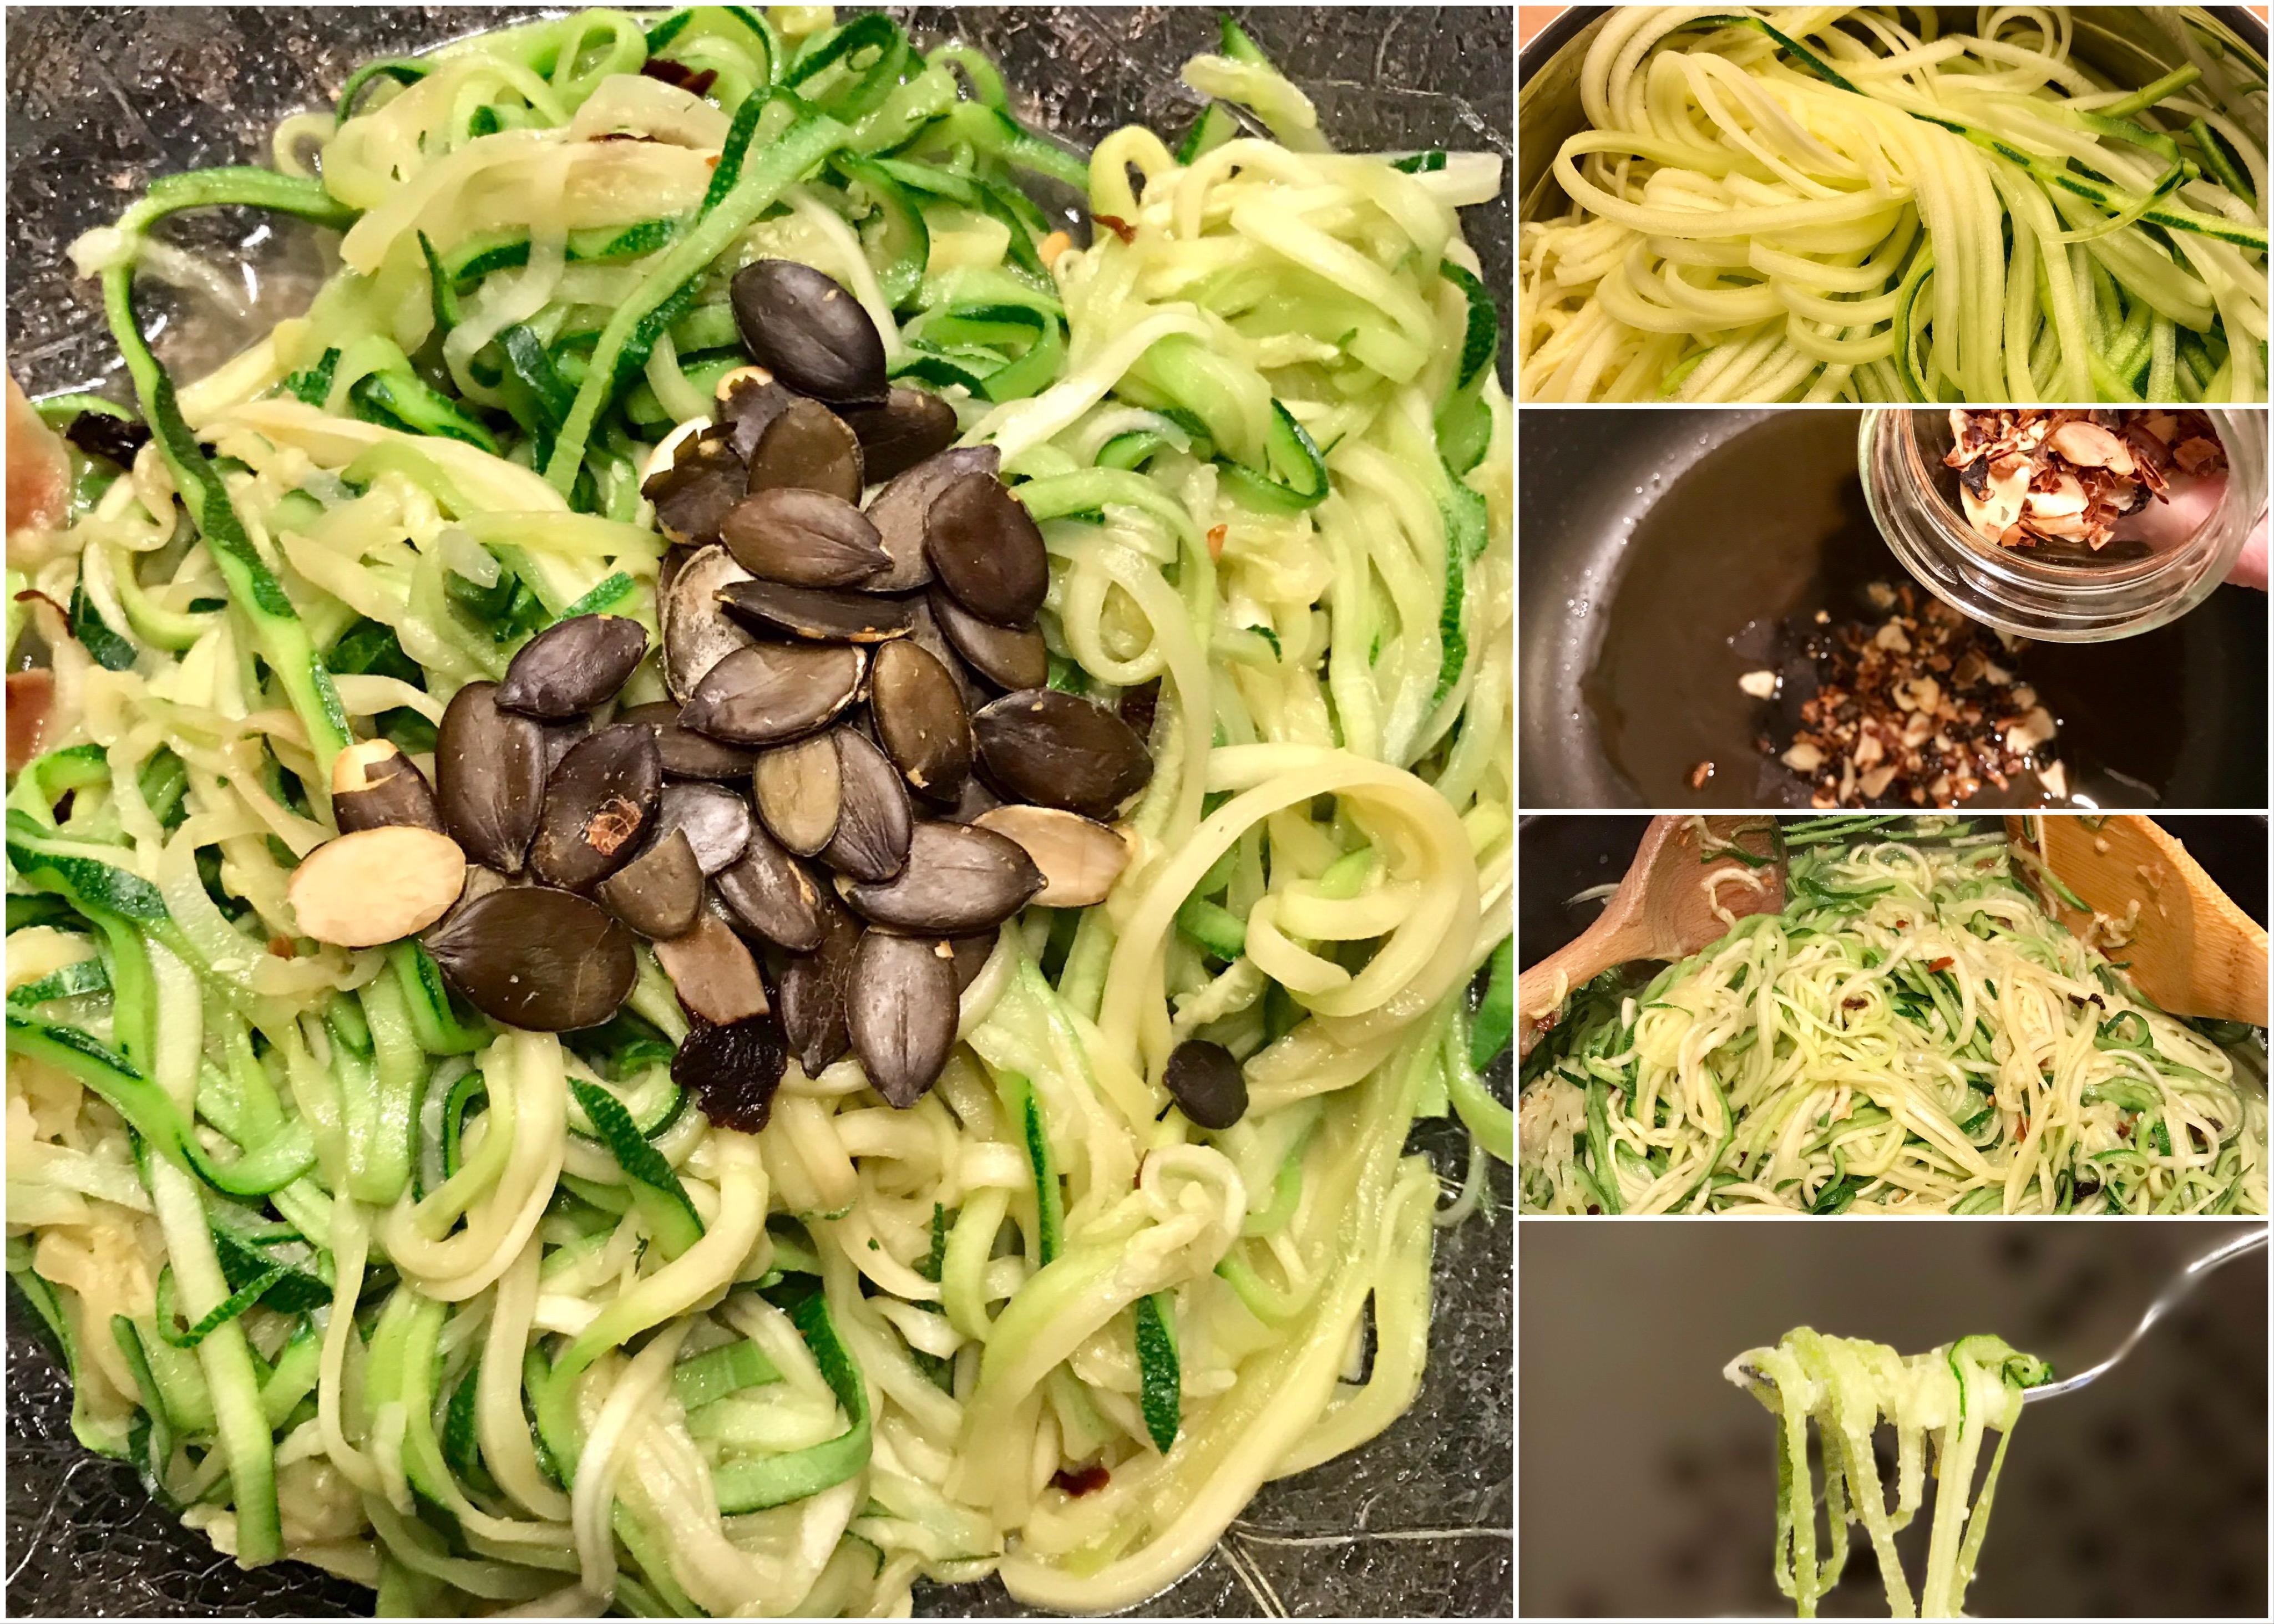 low carb zucchini spaghetti aglio e olio cyclingclaude. Black Bedroom Furniture Sets. Home Design Ideas